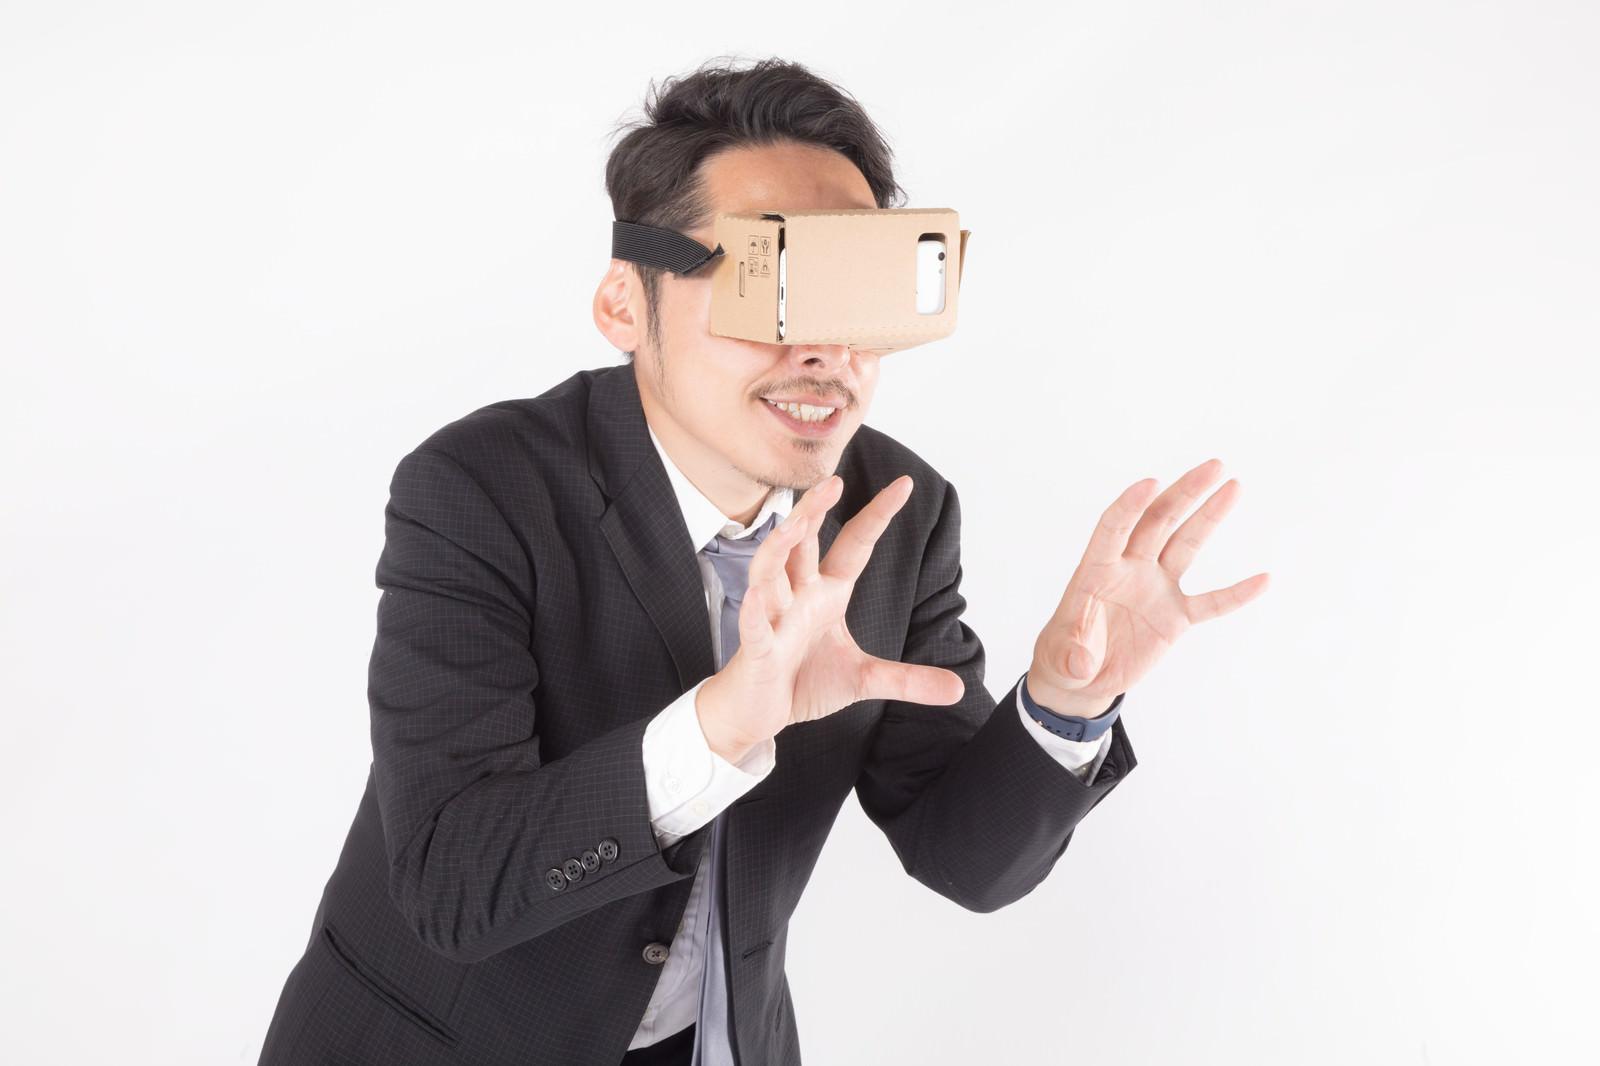 「仮想空間で何かを揉むビジネスマン仮想空間で何かを揉むビジネスマン」[モデル:ゆうせい]のフリー写真素材を拡大